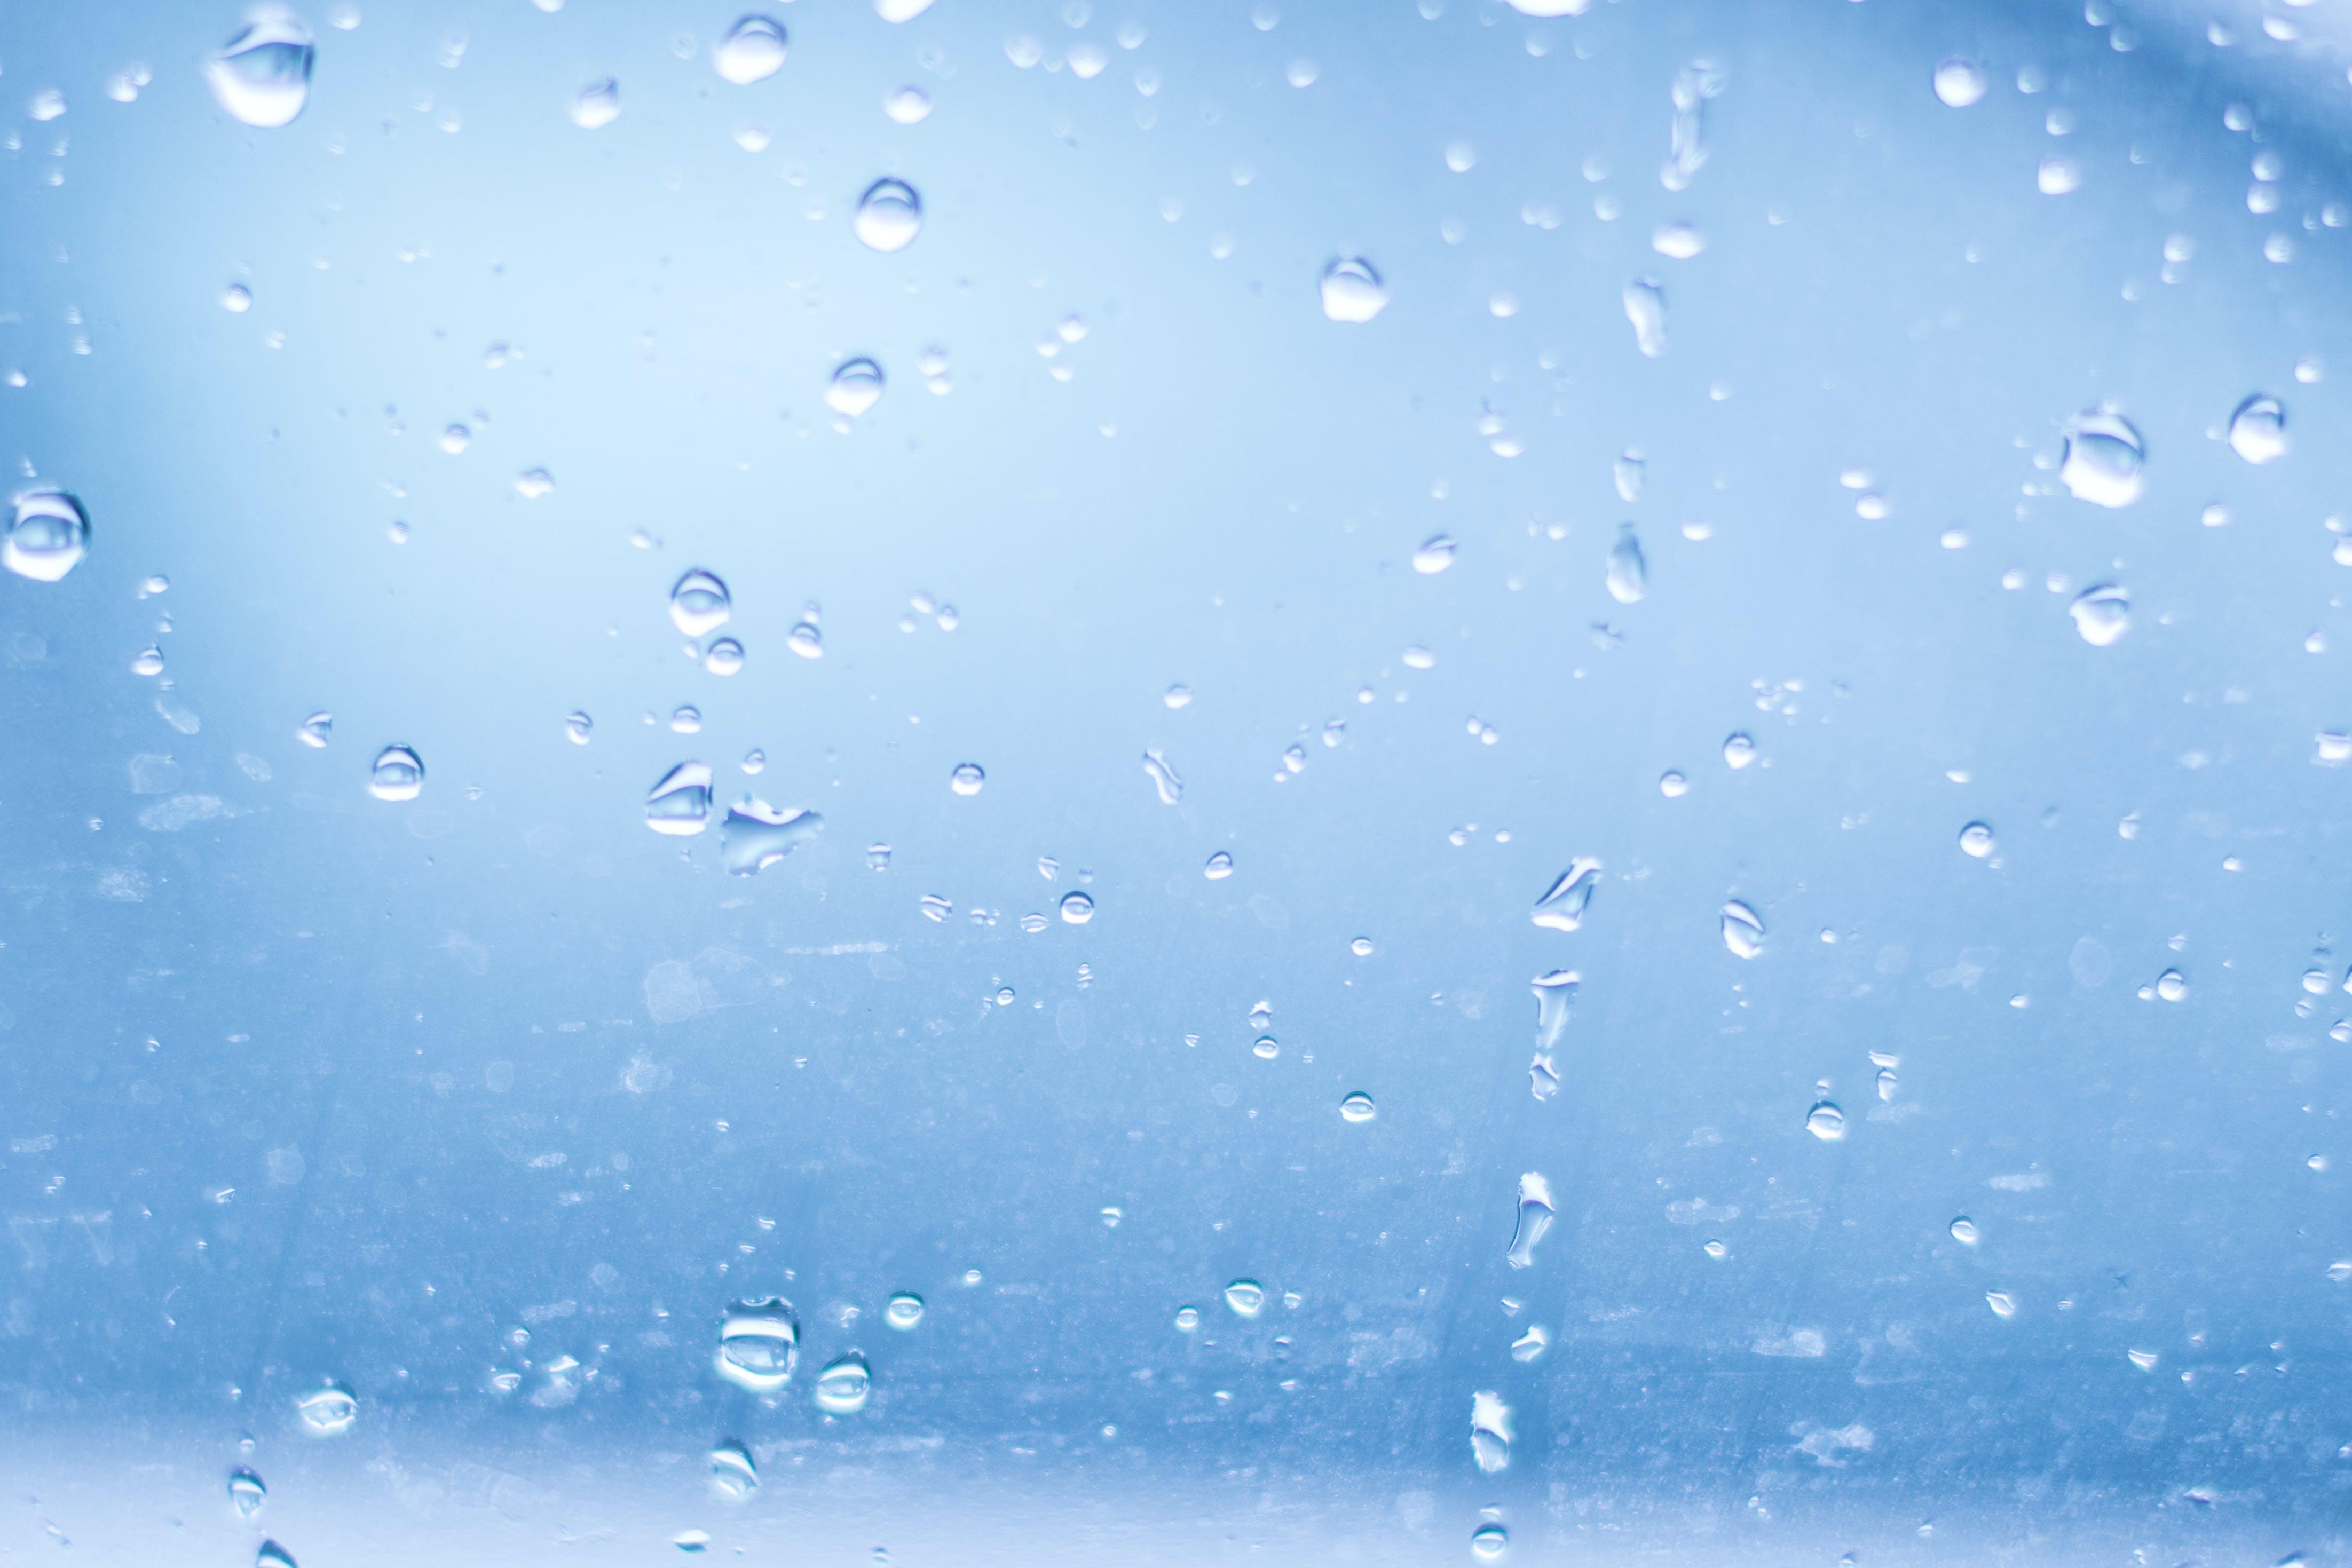 Immagine gratuita di acqua, azzurro, bagnato, bello